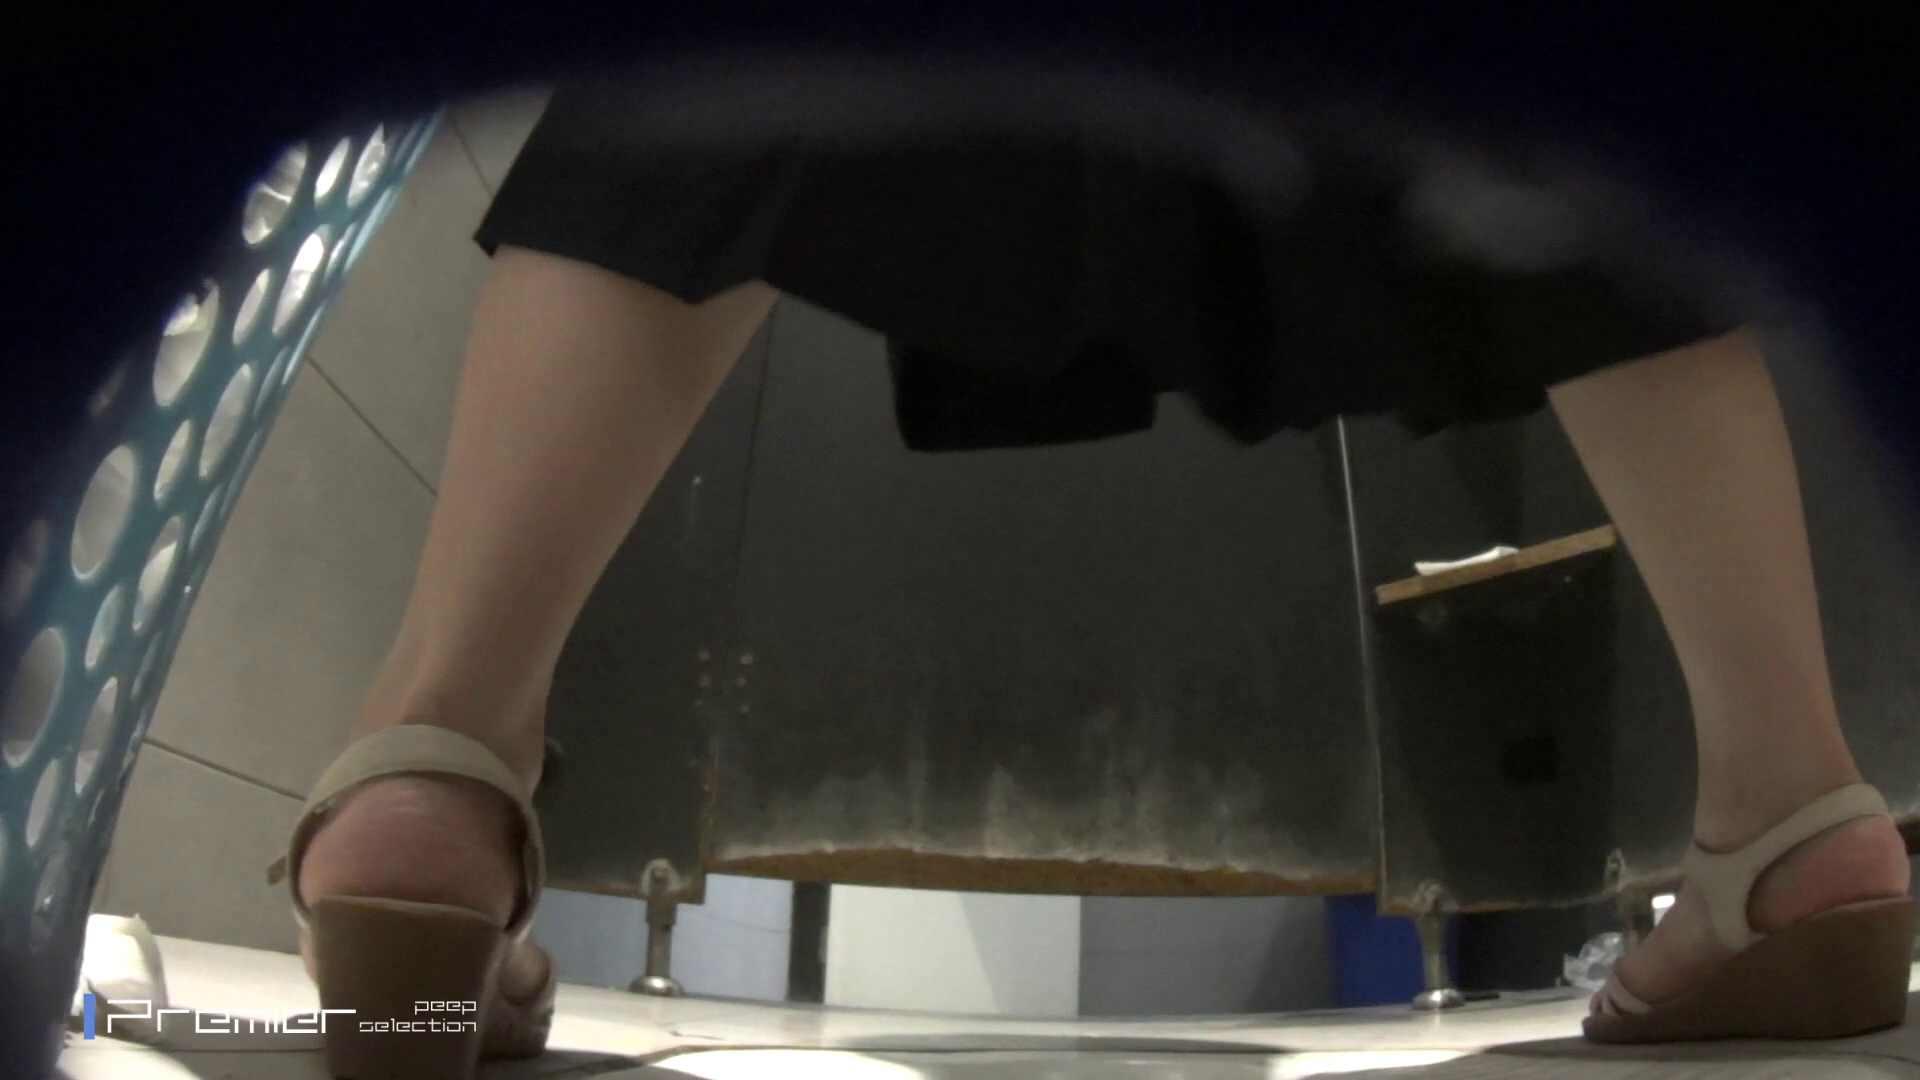 ポッチャリ好きは必見!大学休憩時間の洗面所事情66 美女達のヌード   お姉さん達のヌード  52連発 9